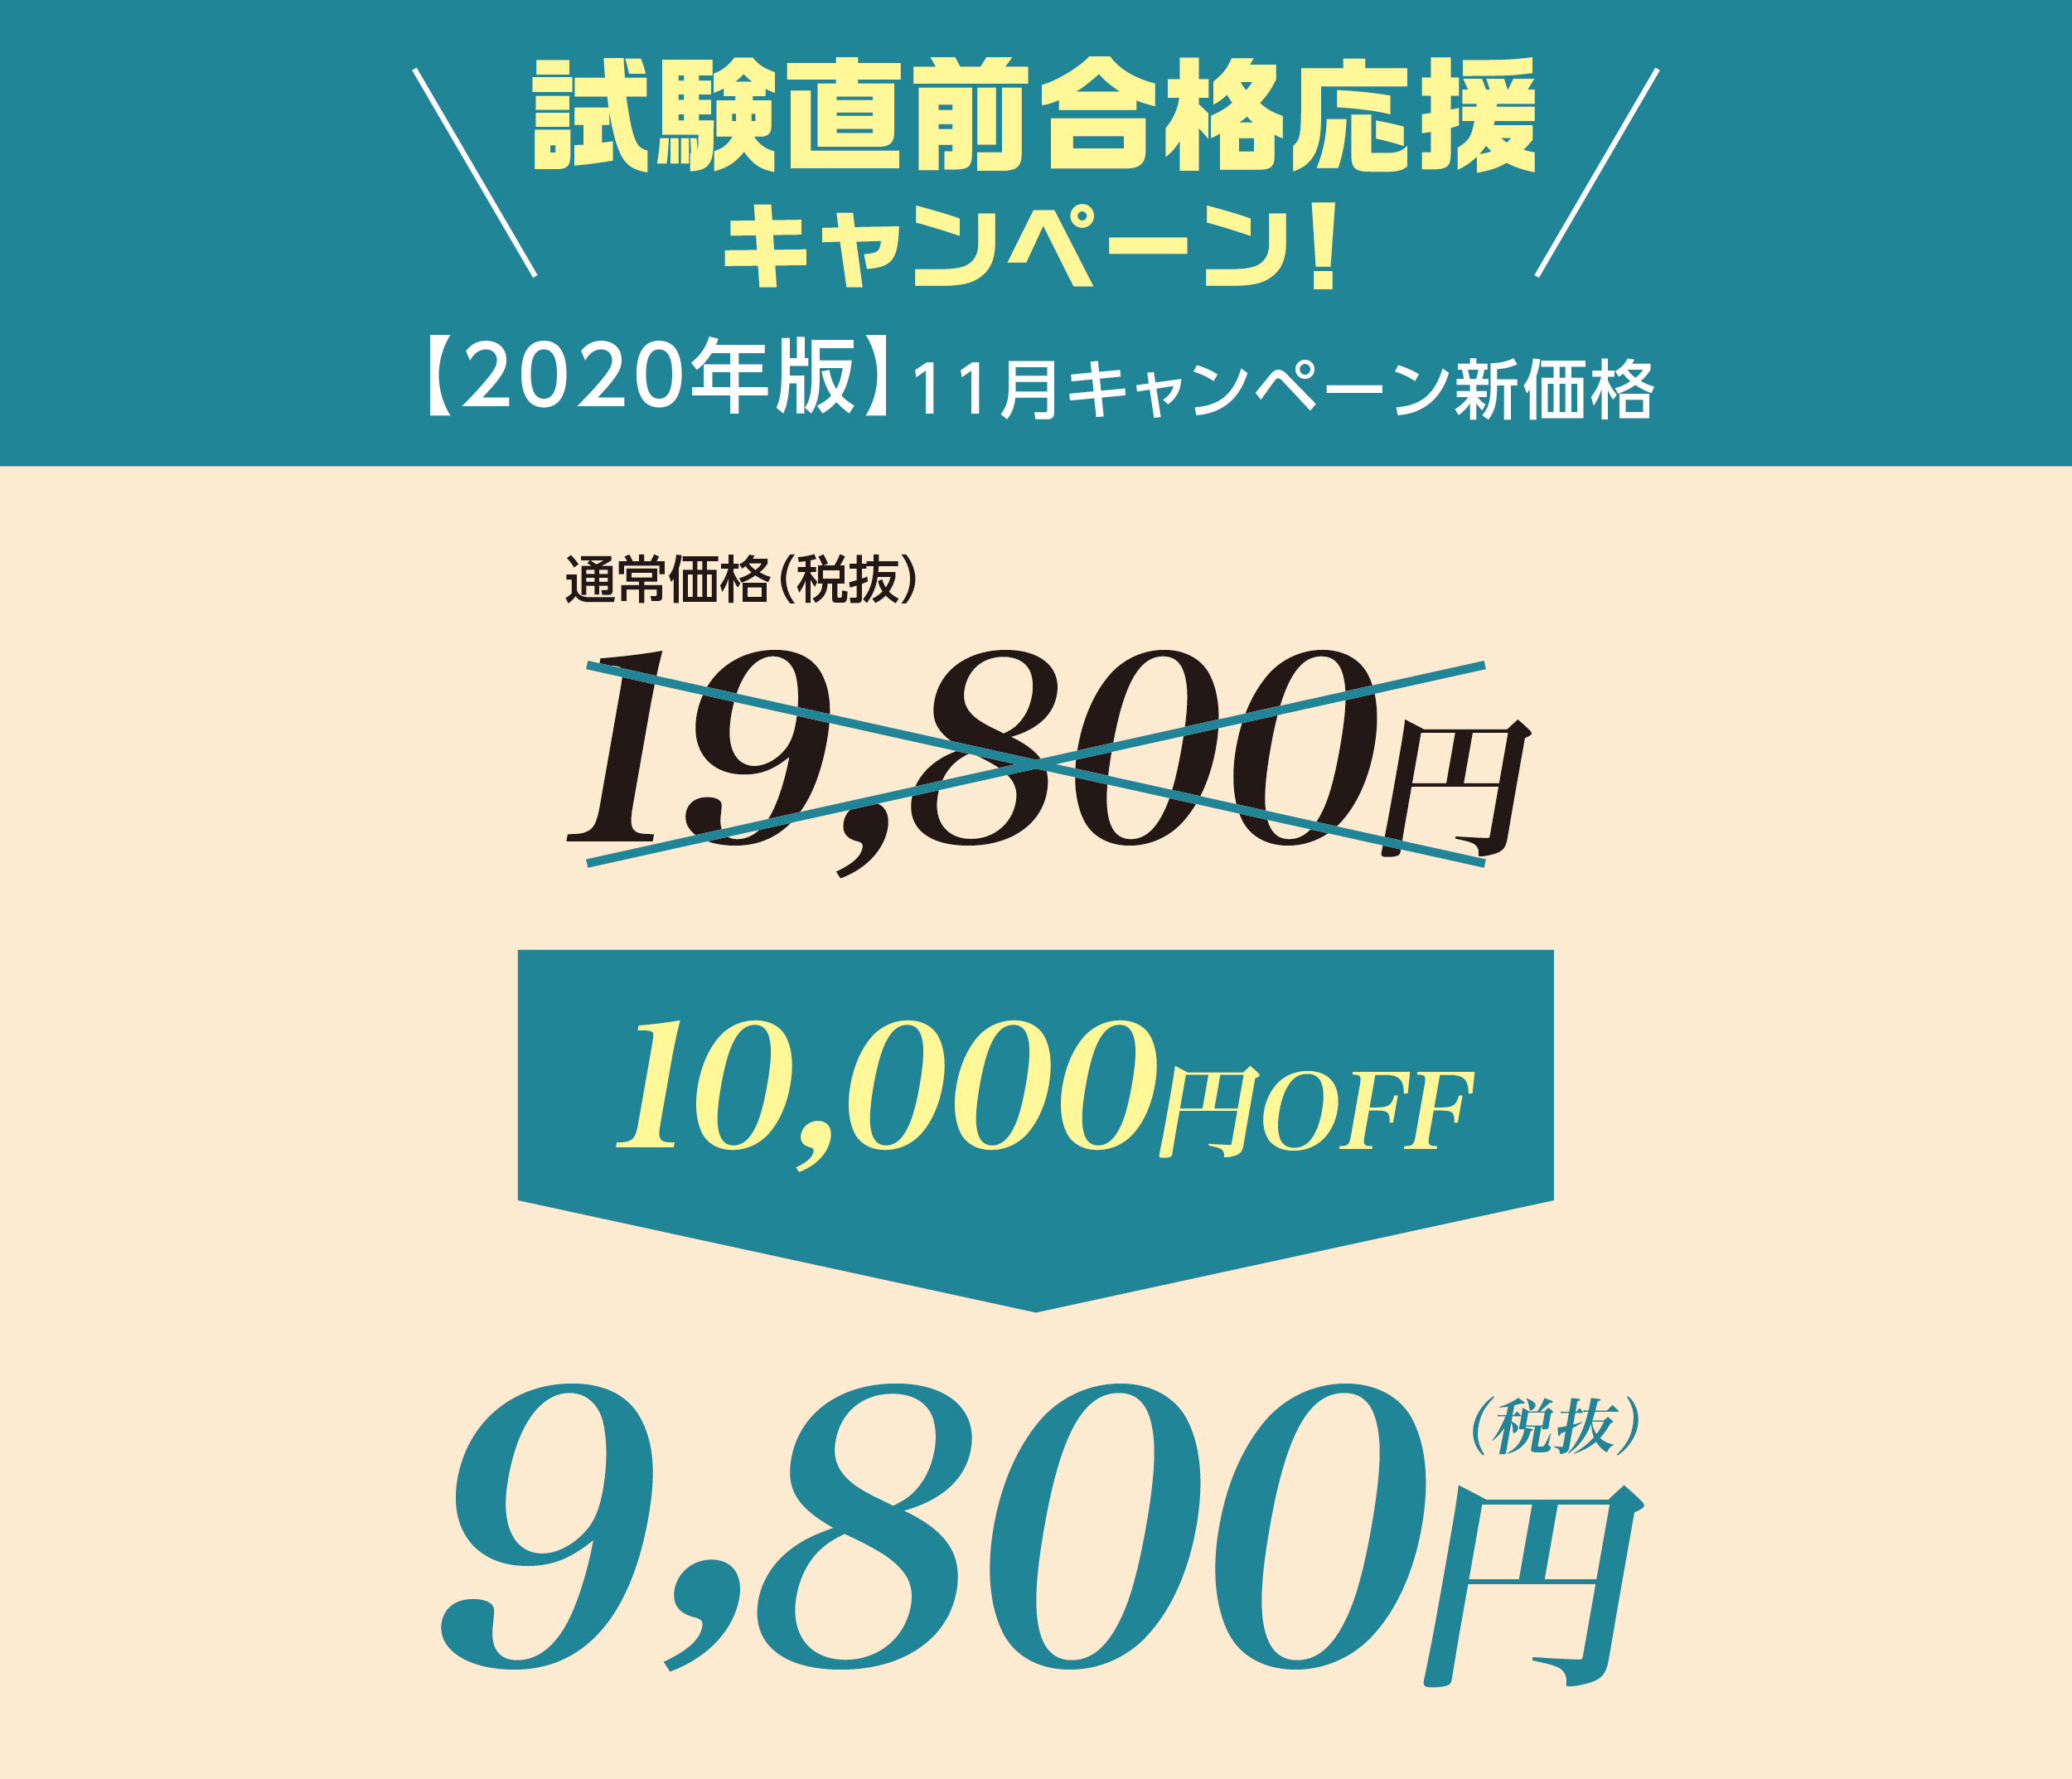 2020年版11月キャンペーン価格